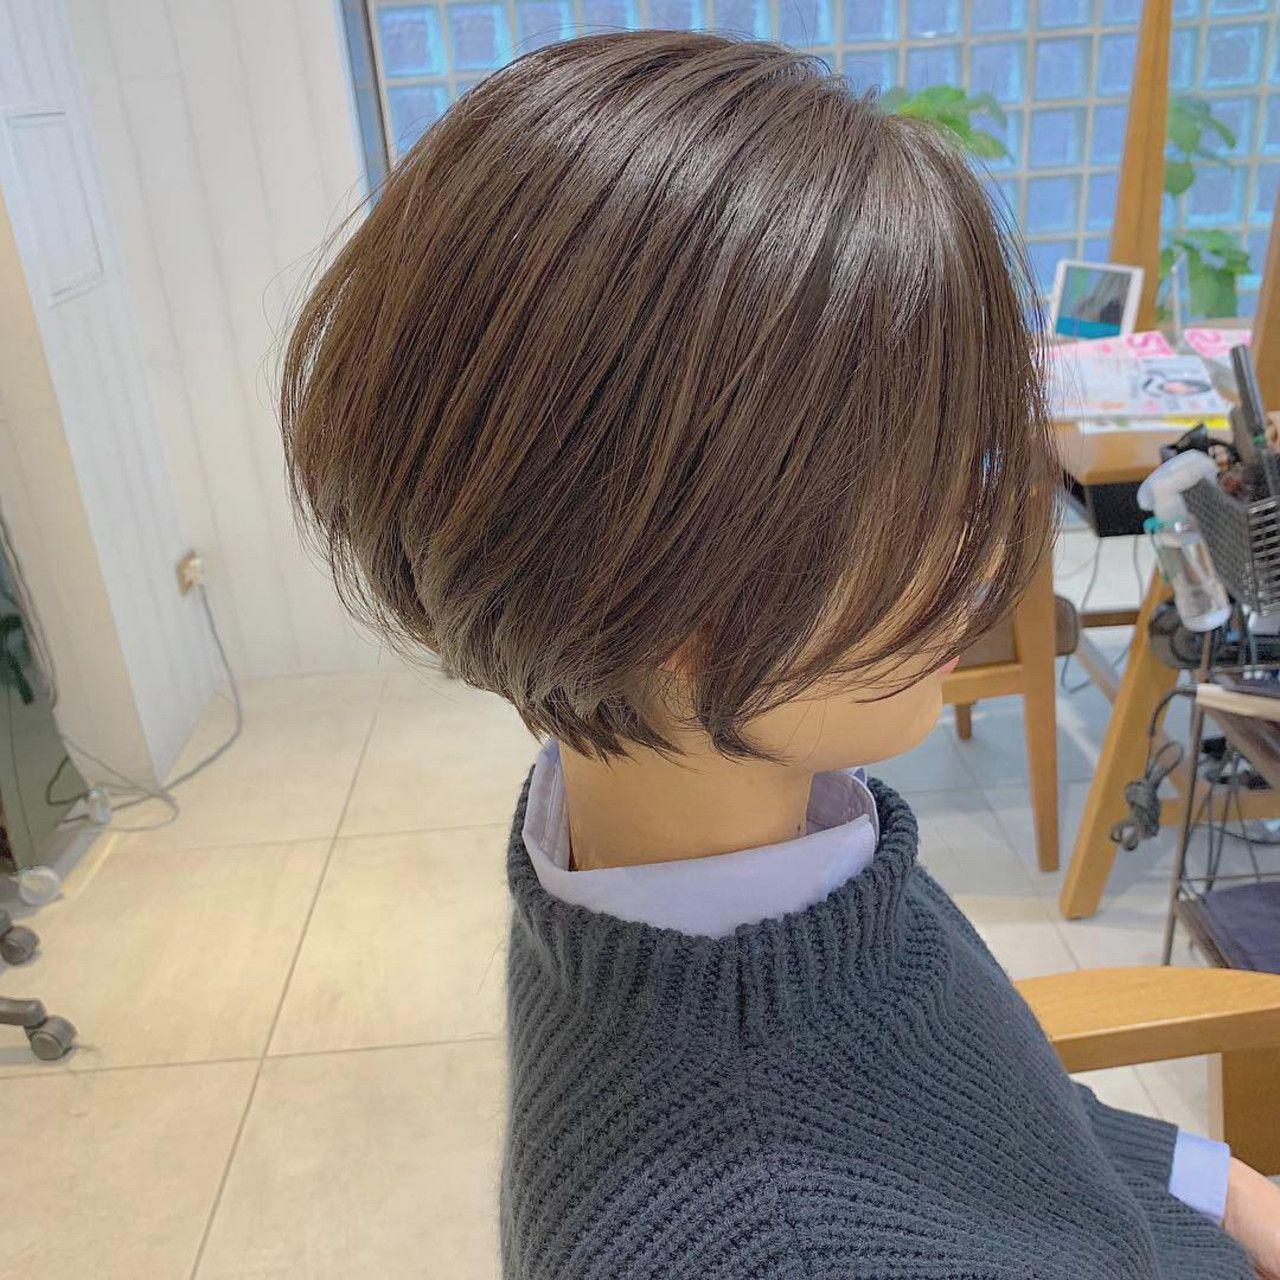 お客様バッサリカット 丸みショートグラデーションボブ よくゆわれるのが くせ毛だから 毛量が多いからショートは難しいですかね どんな方でもショートヘアにしてきたので全然大丈夫です 笑 挑戦してみてください ご覧頂き